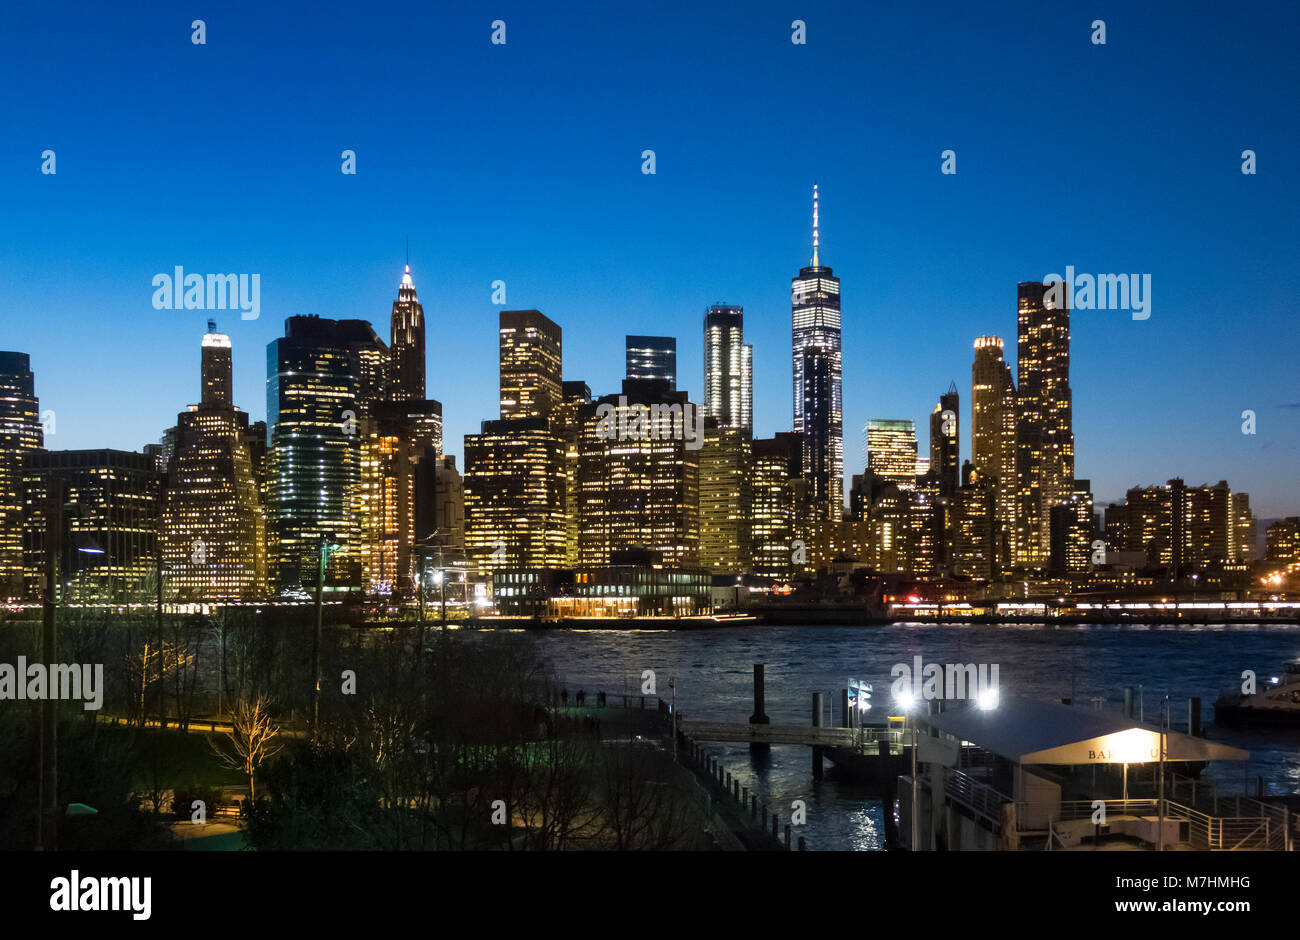 La parte inferiore dello skyline di Manhattan come visto da Dumbo, Brooklyn di notte Immagini Stock